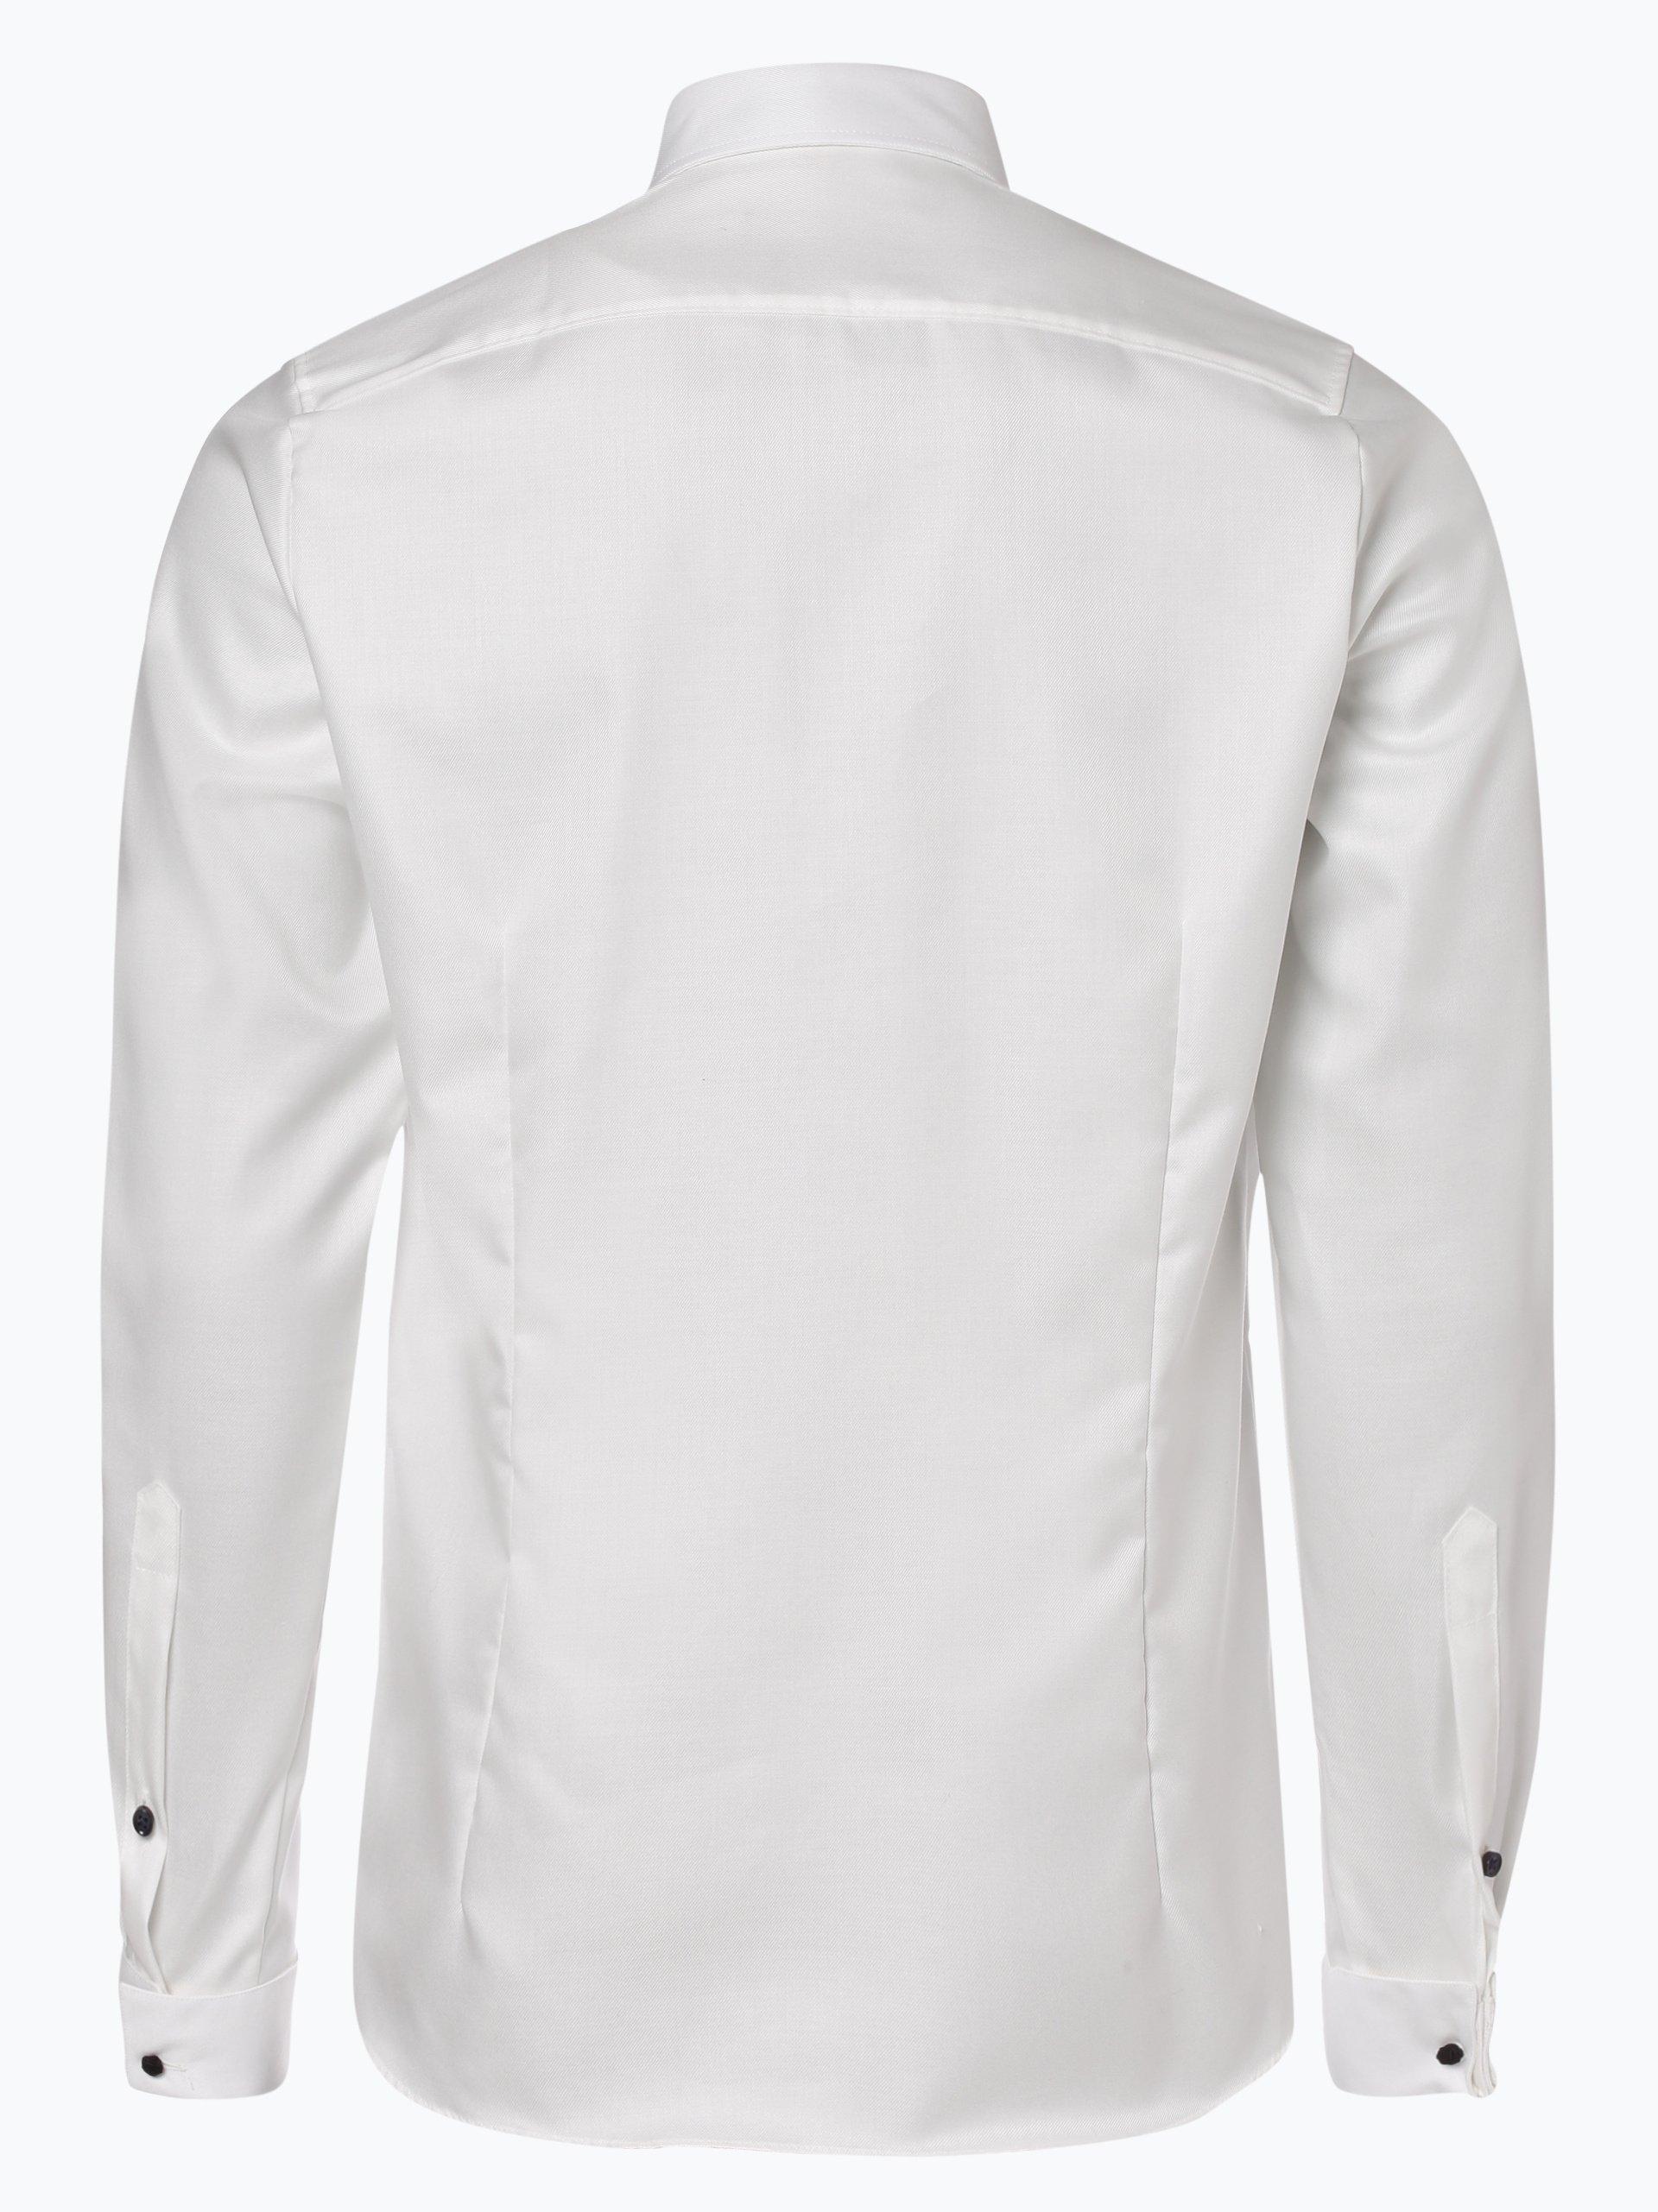 Finshley & Harding Herren Hemd Two Ply mit Umschlagmanschetten - Bügelfrei